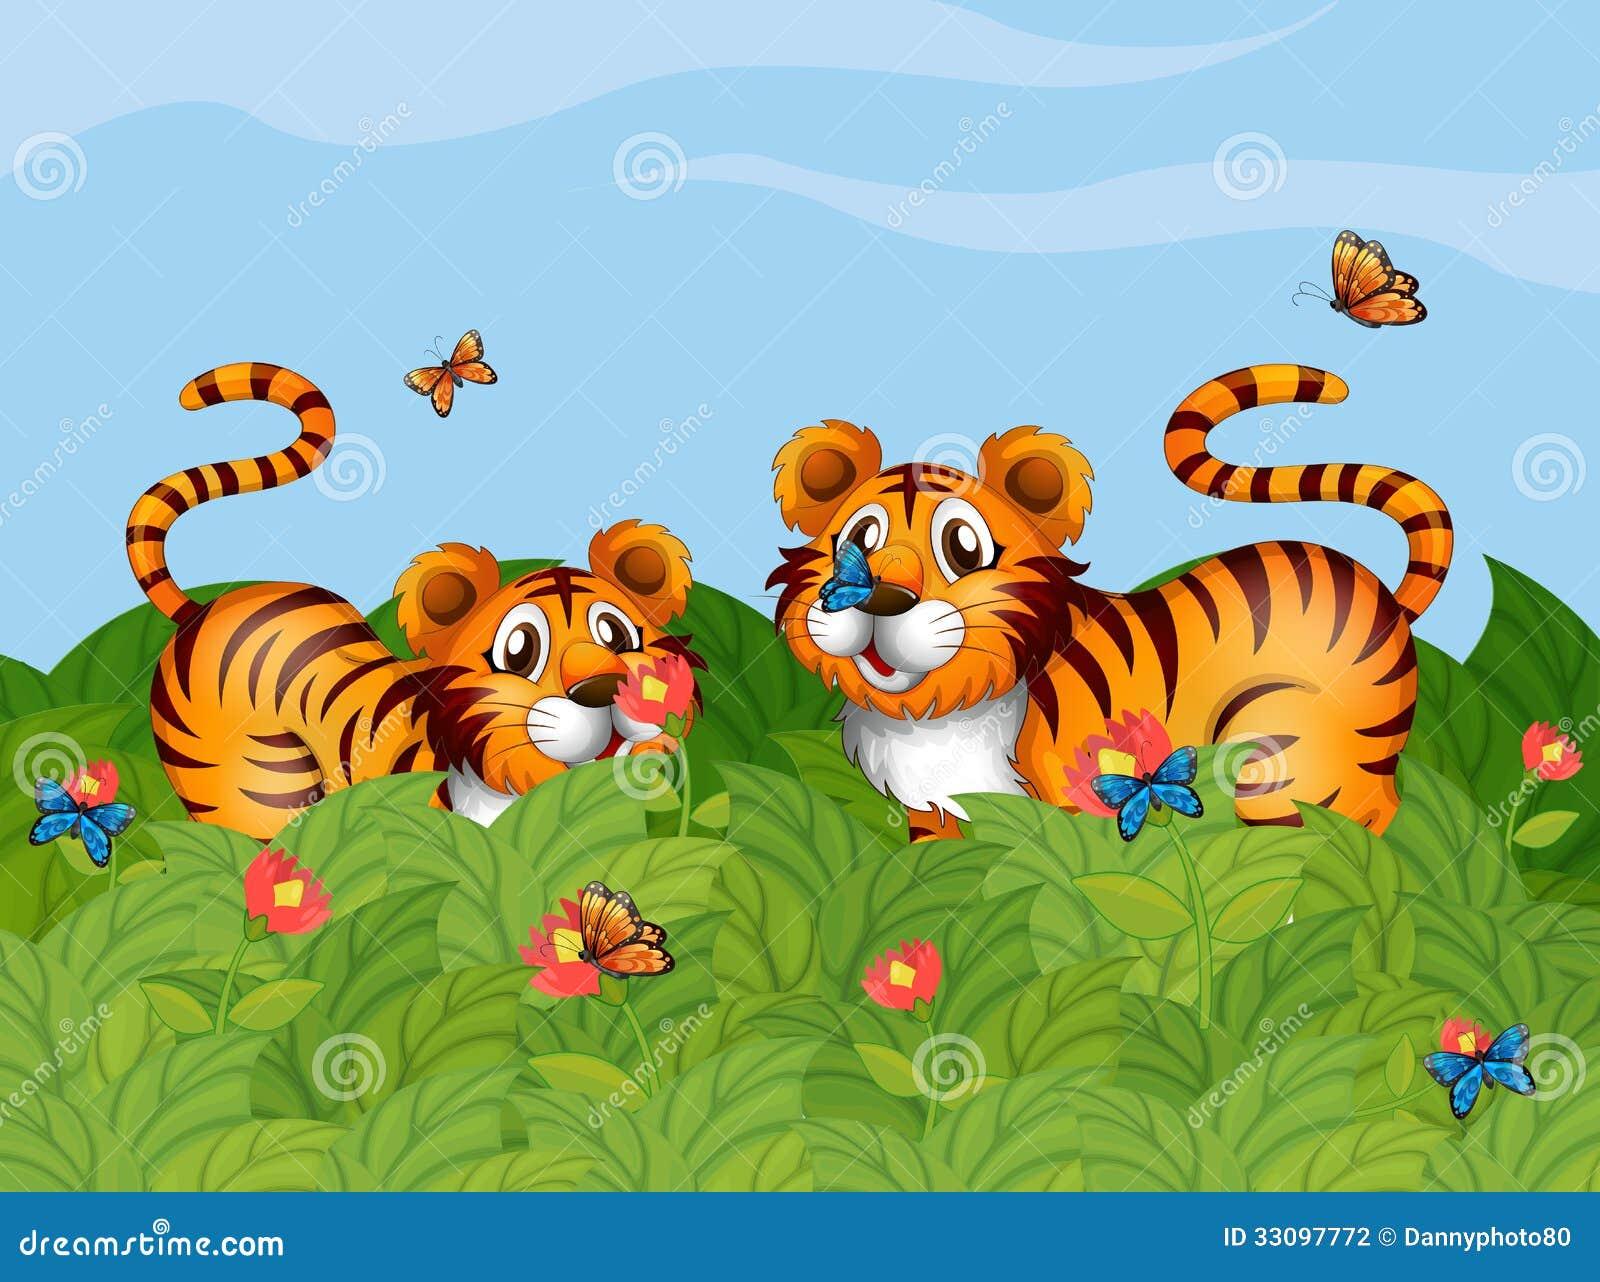 zwei tiger die im garten spielen vektor abbildung bild 33097772. Black Bedroom Furniture Sets. Home Design Ideas